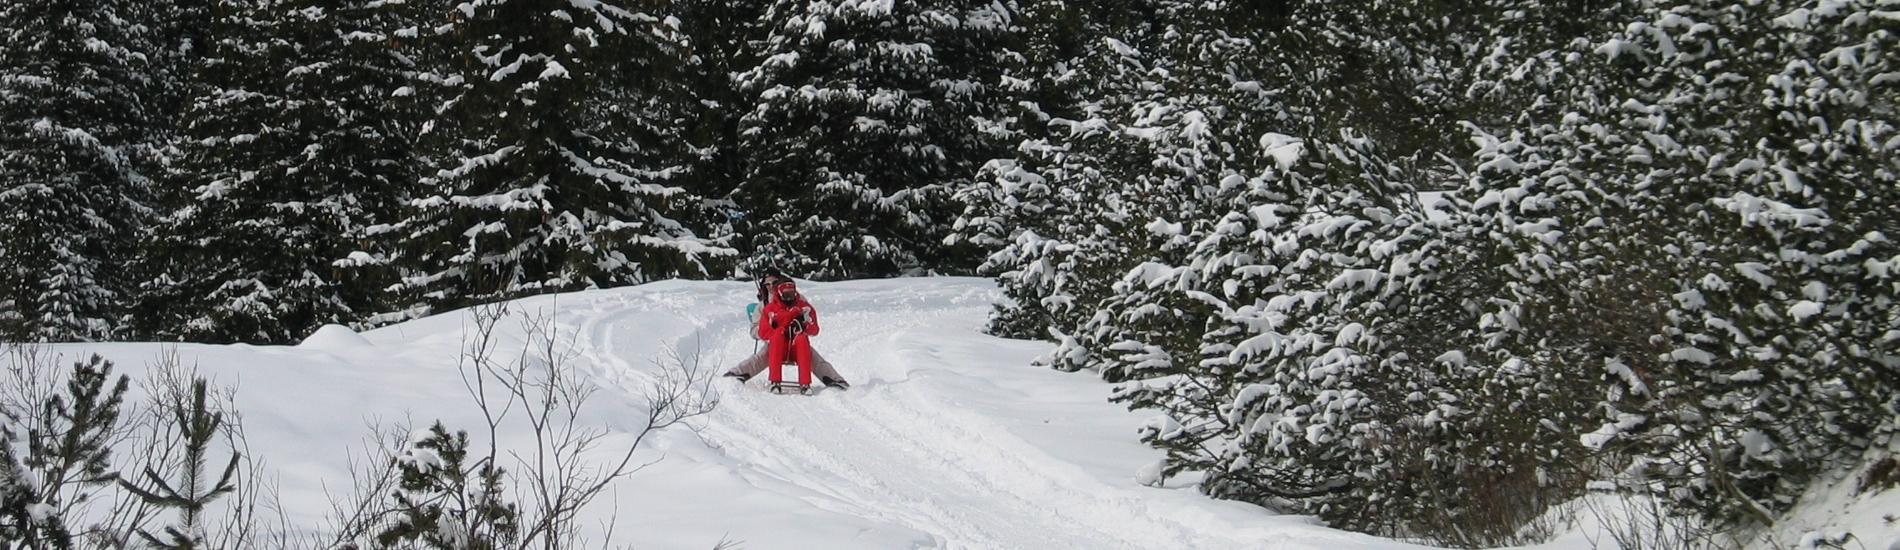 Tante Avventure tra la Neve con la Slitta